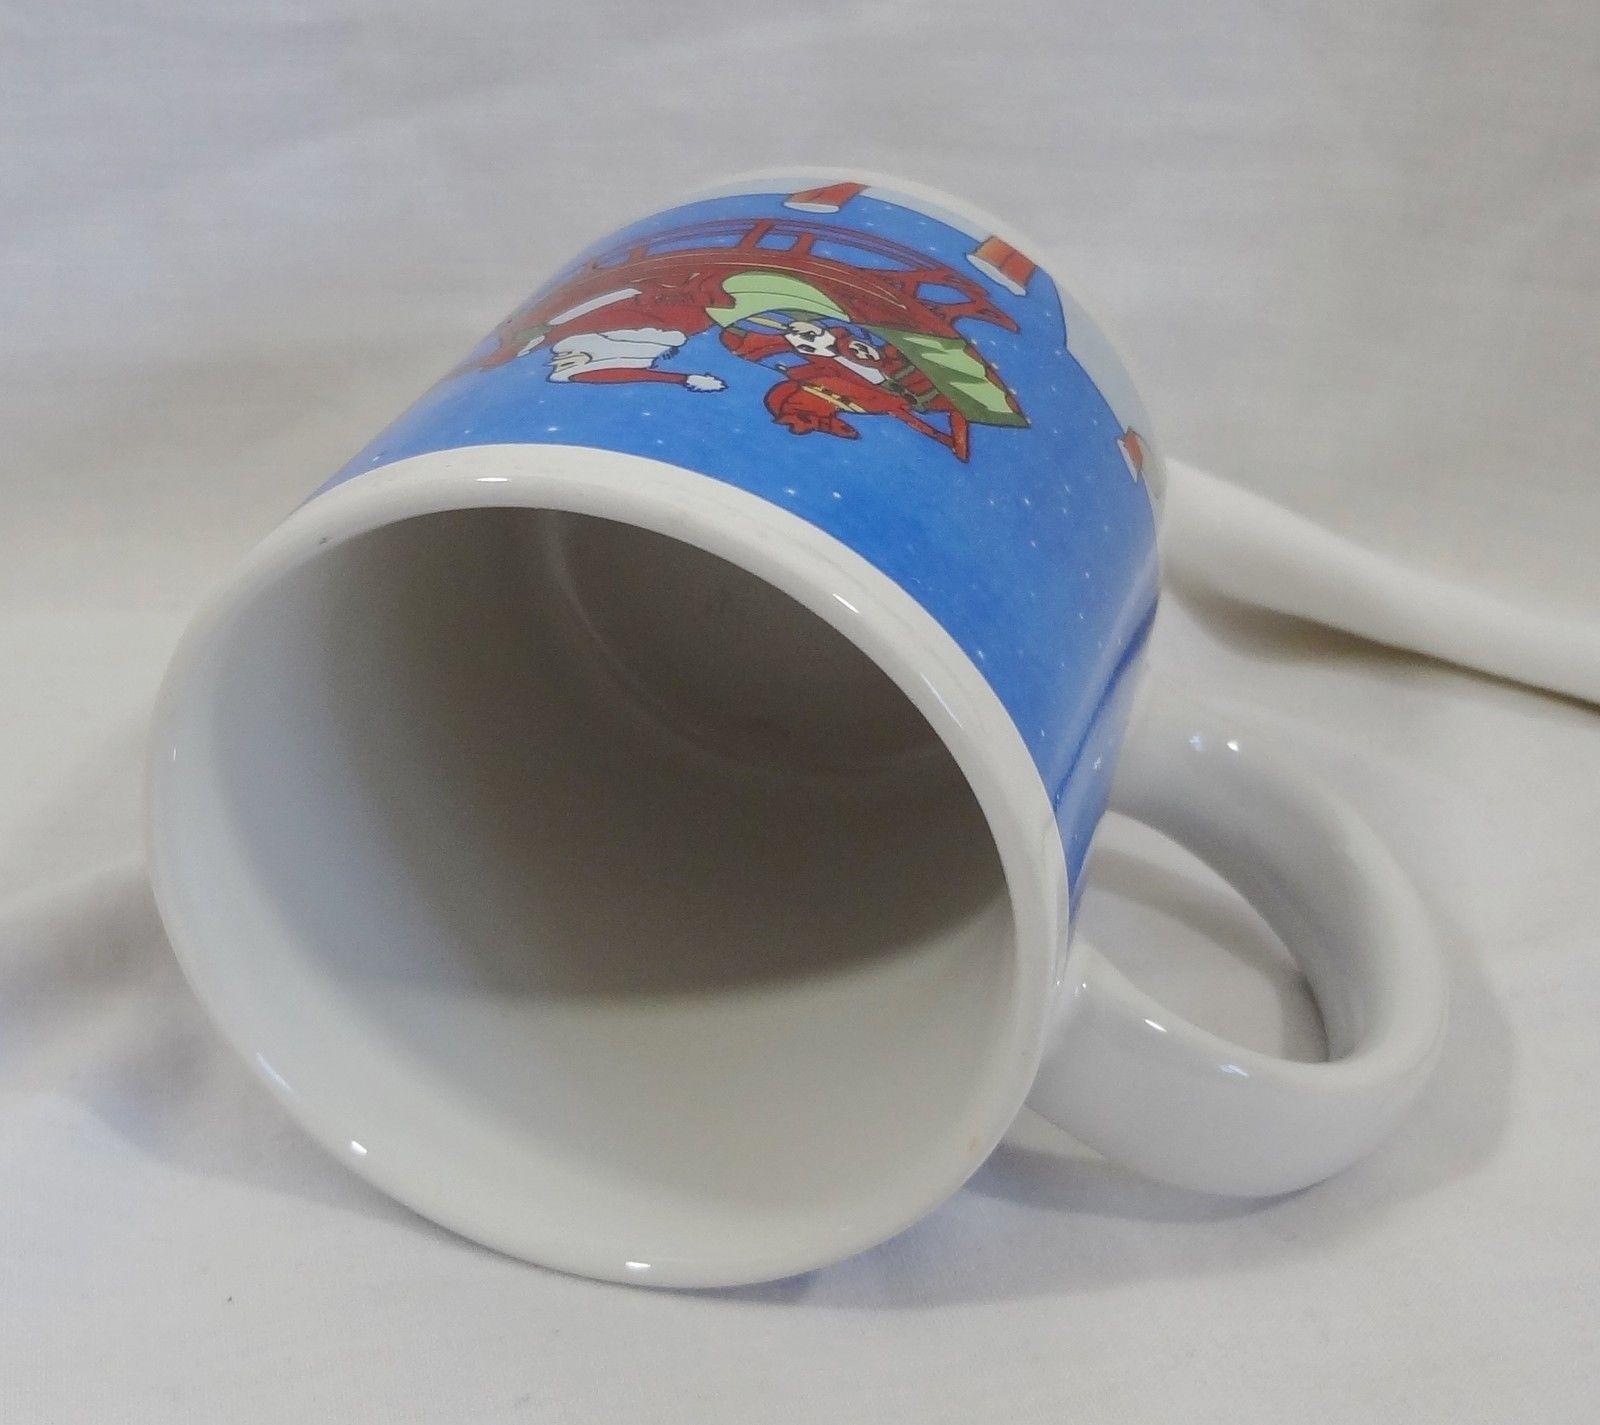 Christmas Santa In Flight Reindeer Sleigh 8 oz Coffee Mug Cup